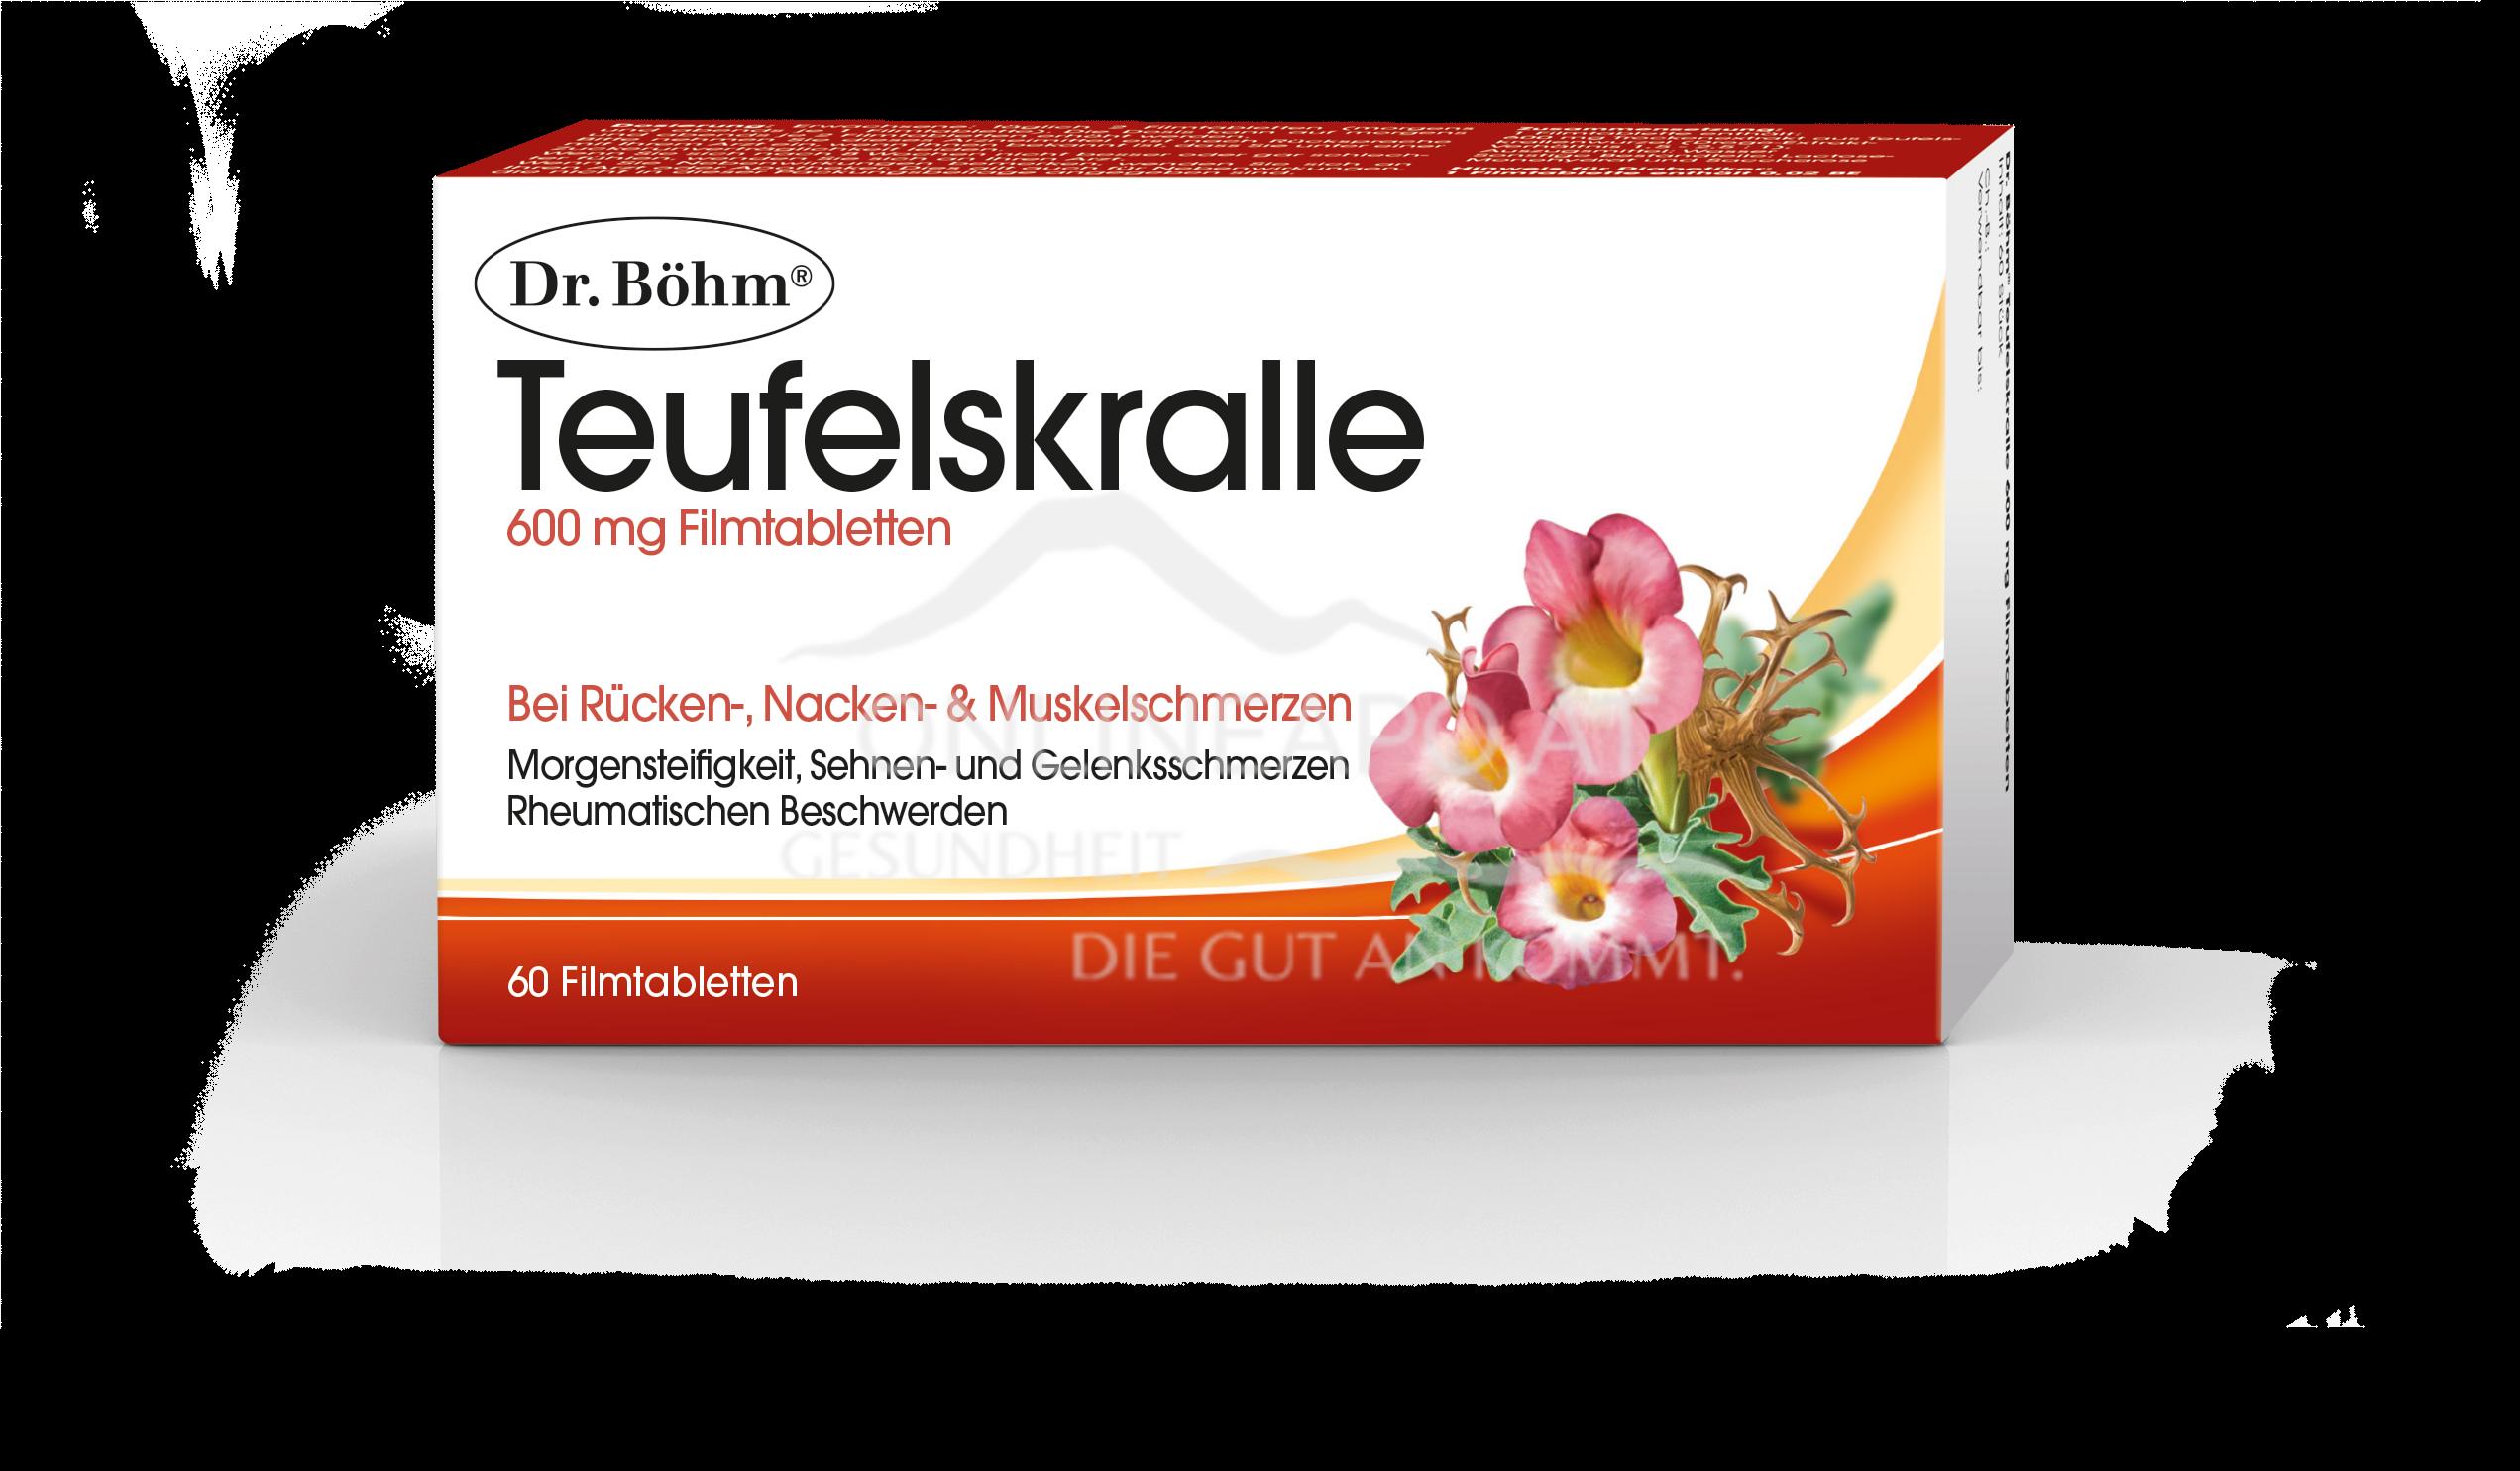 Dr. Böhm® Teufelskralle